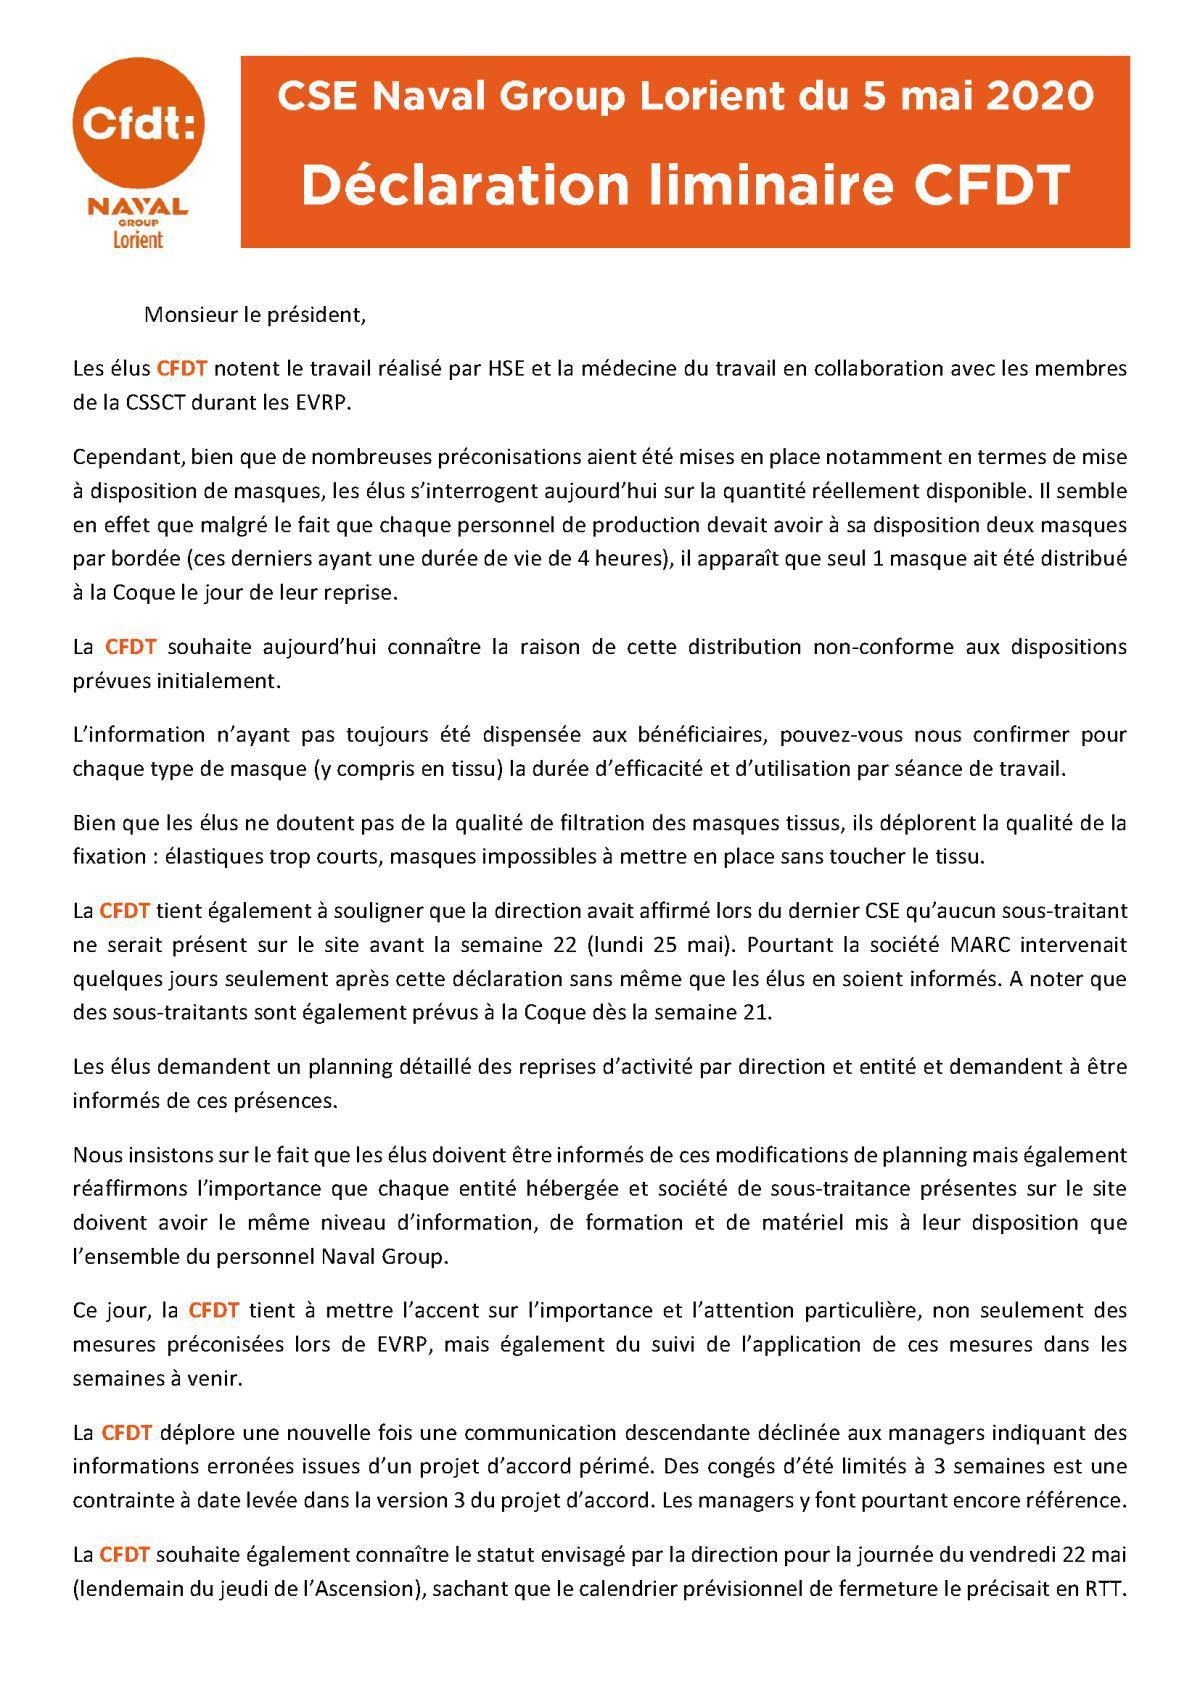 Déclaration CFDT au CSE du 5 mai